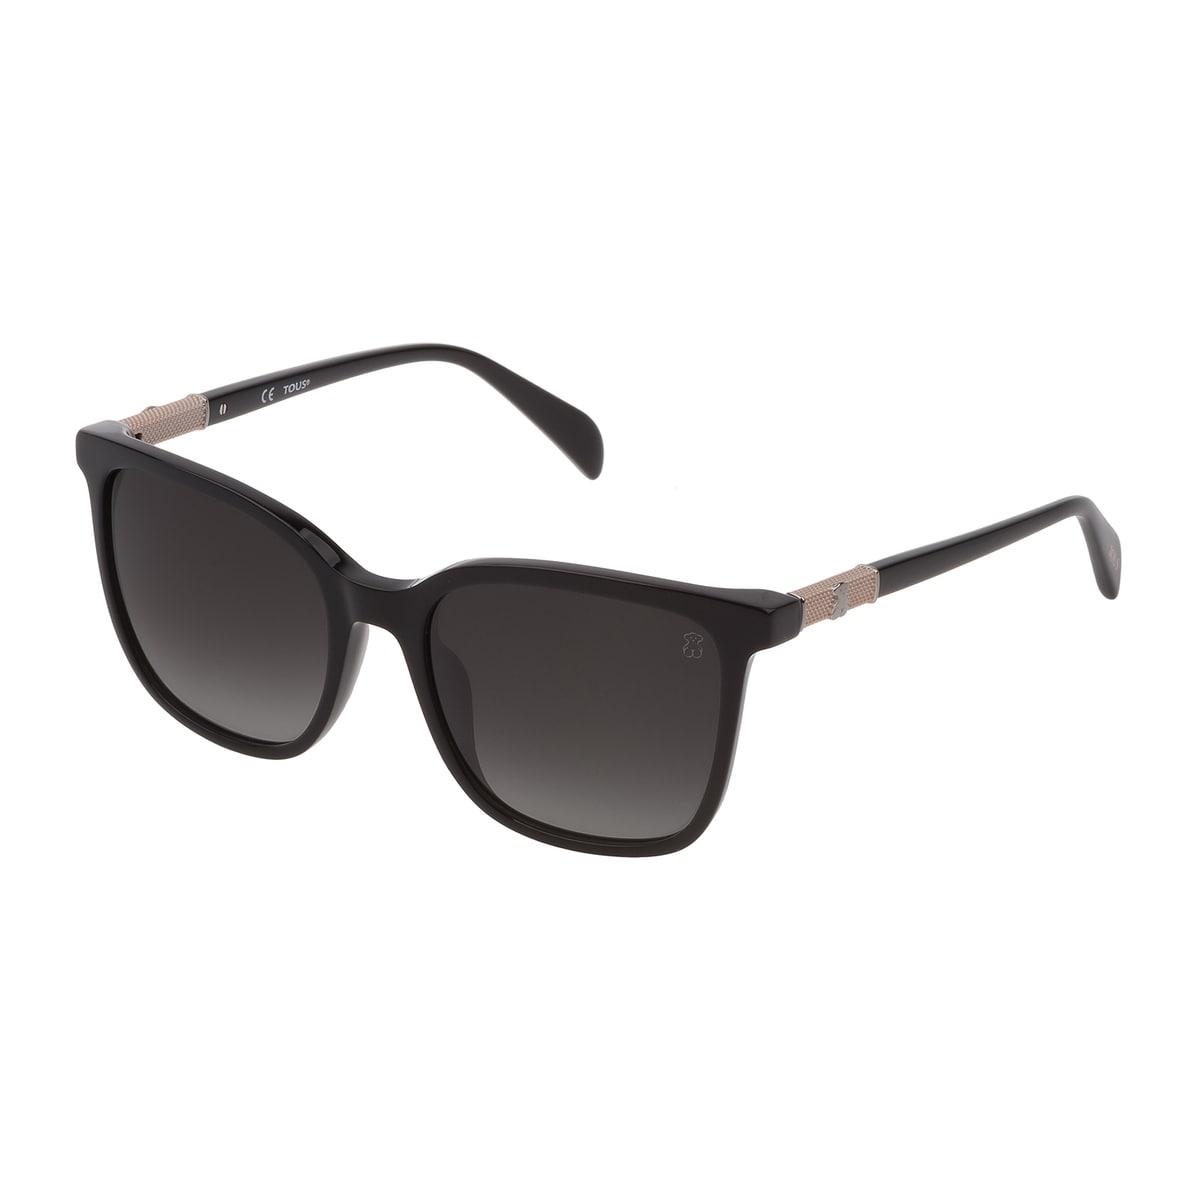 Black Acetate Mesh Sunglasses